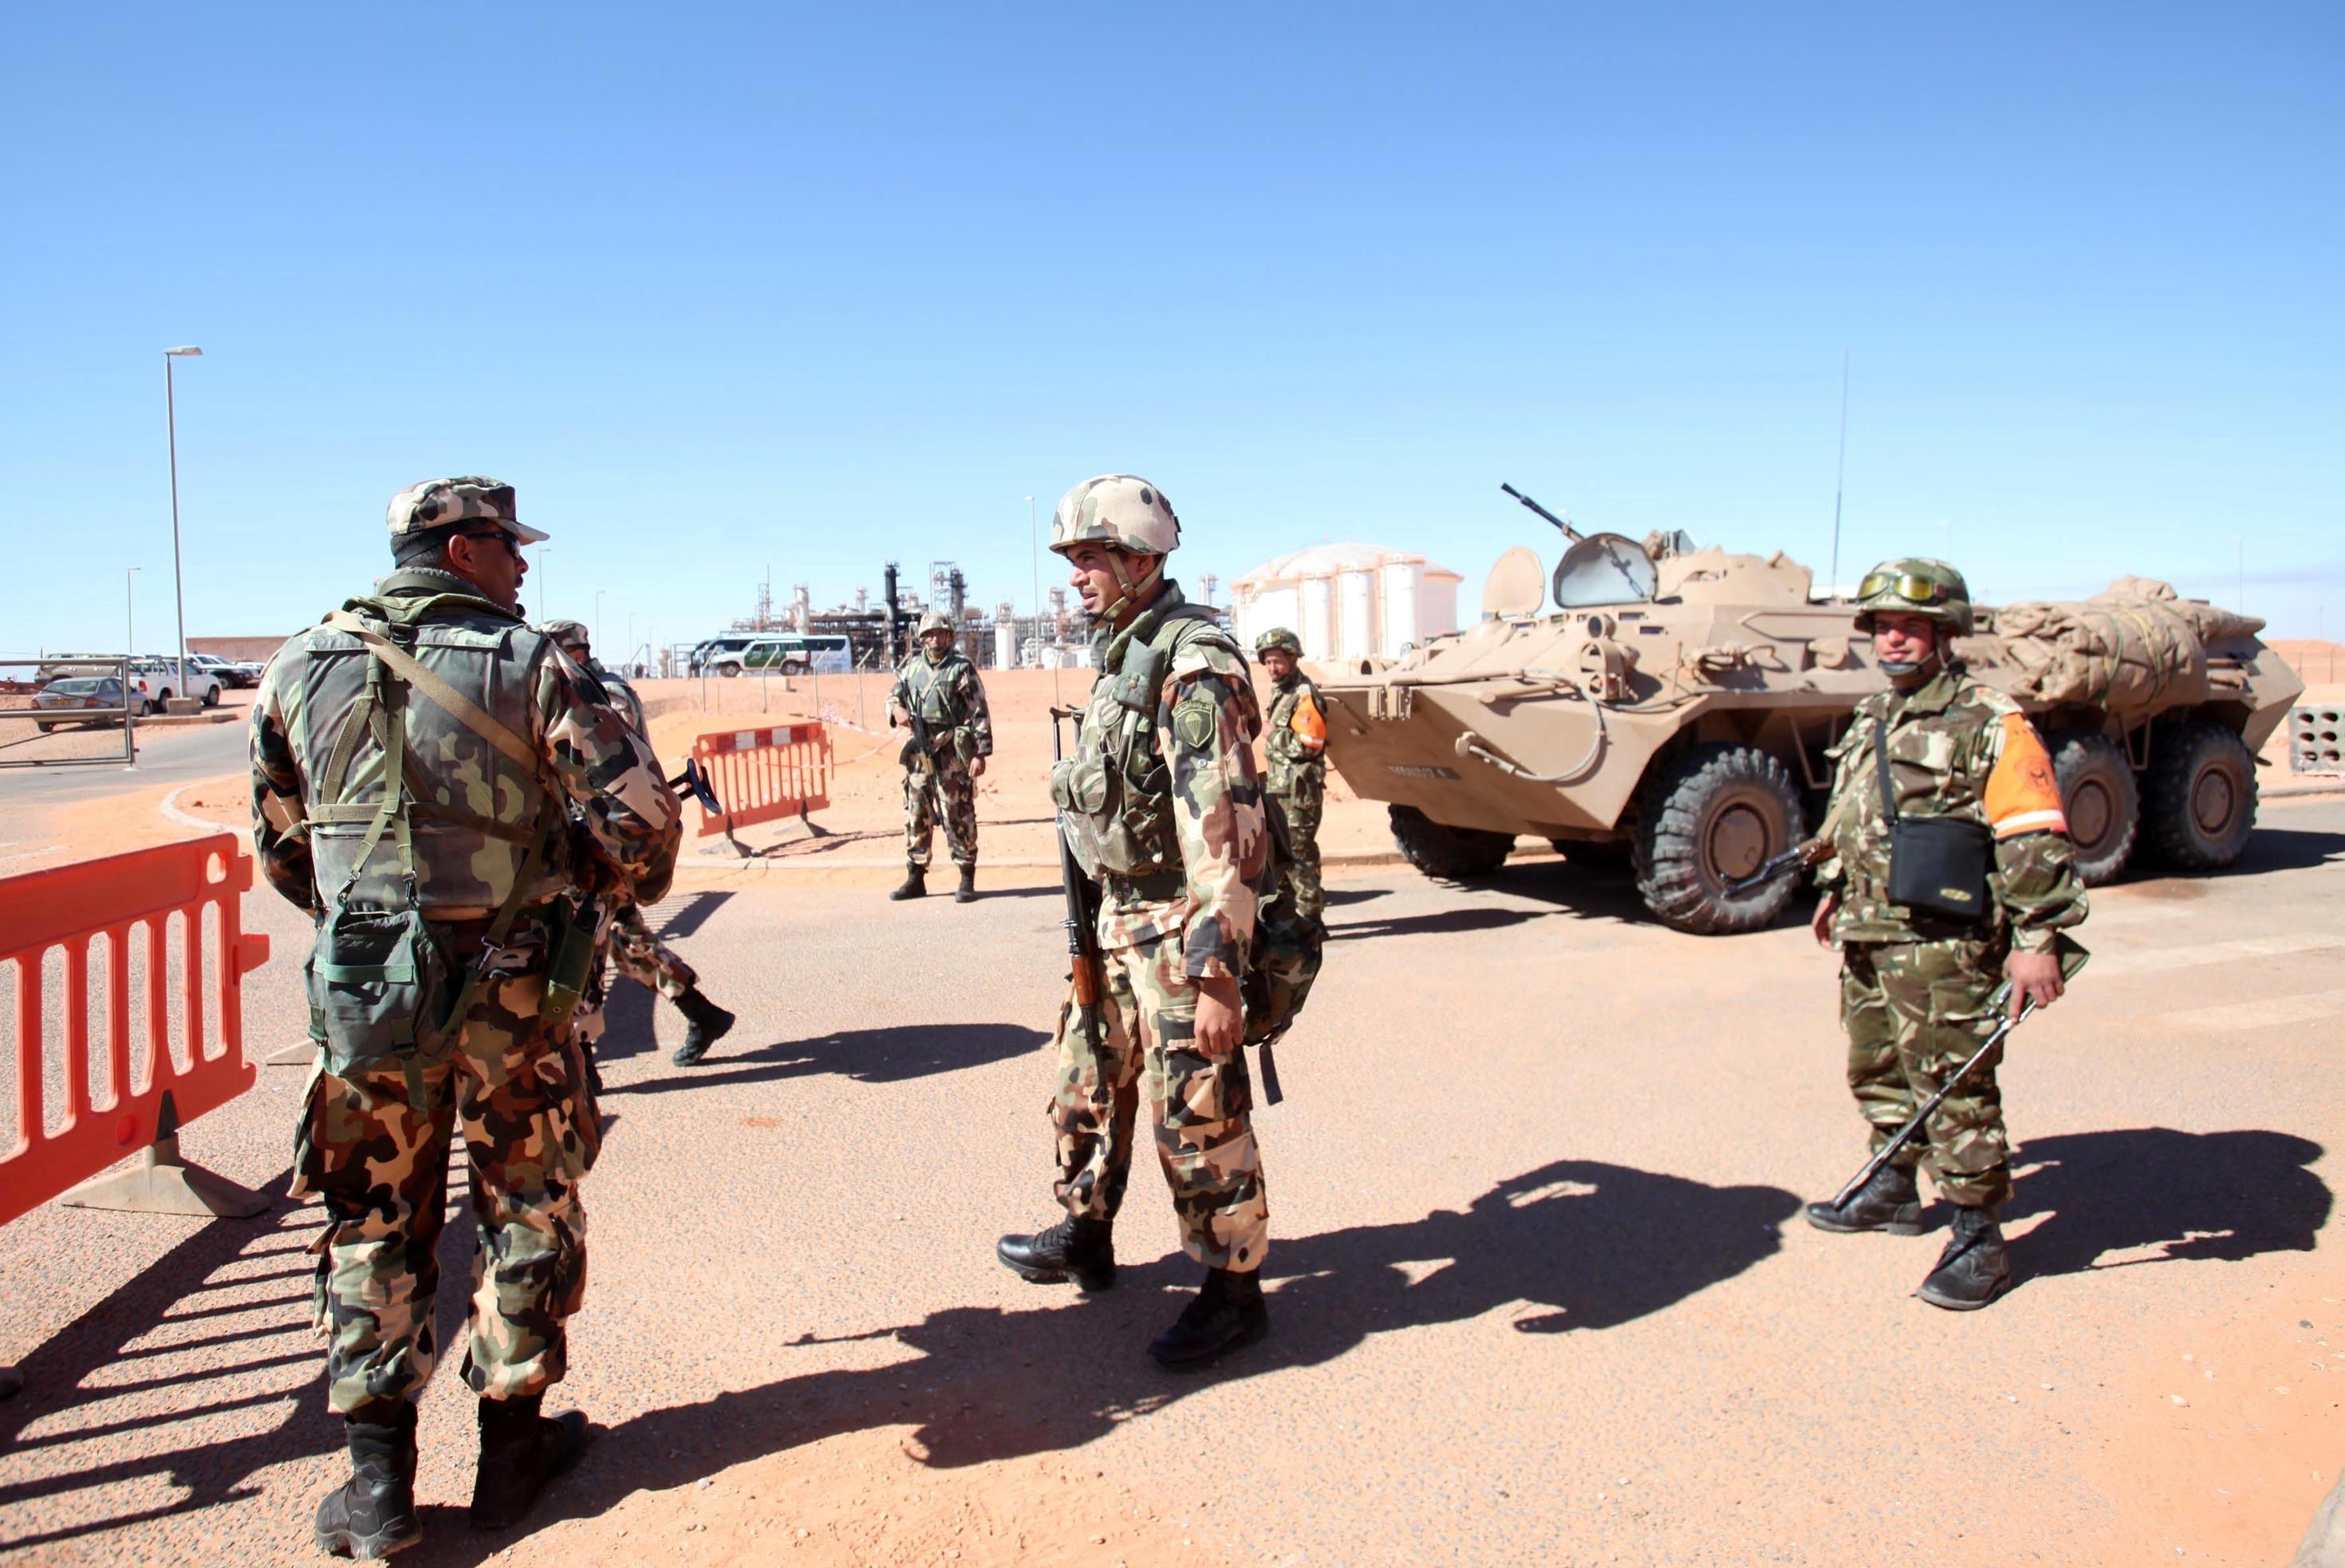 Des soldats de l'ANP sécurisant le site gazier de Tiguentourine. New Press